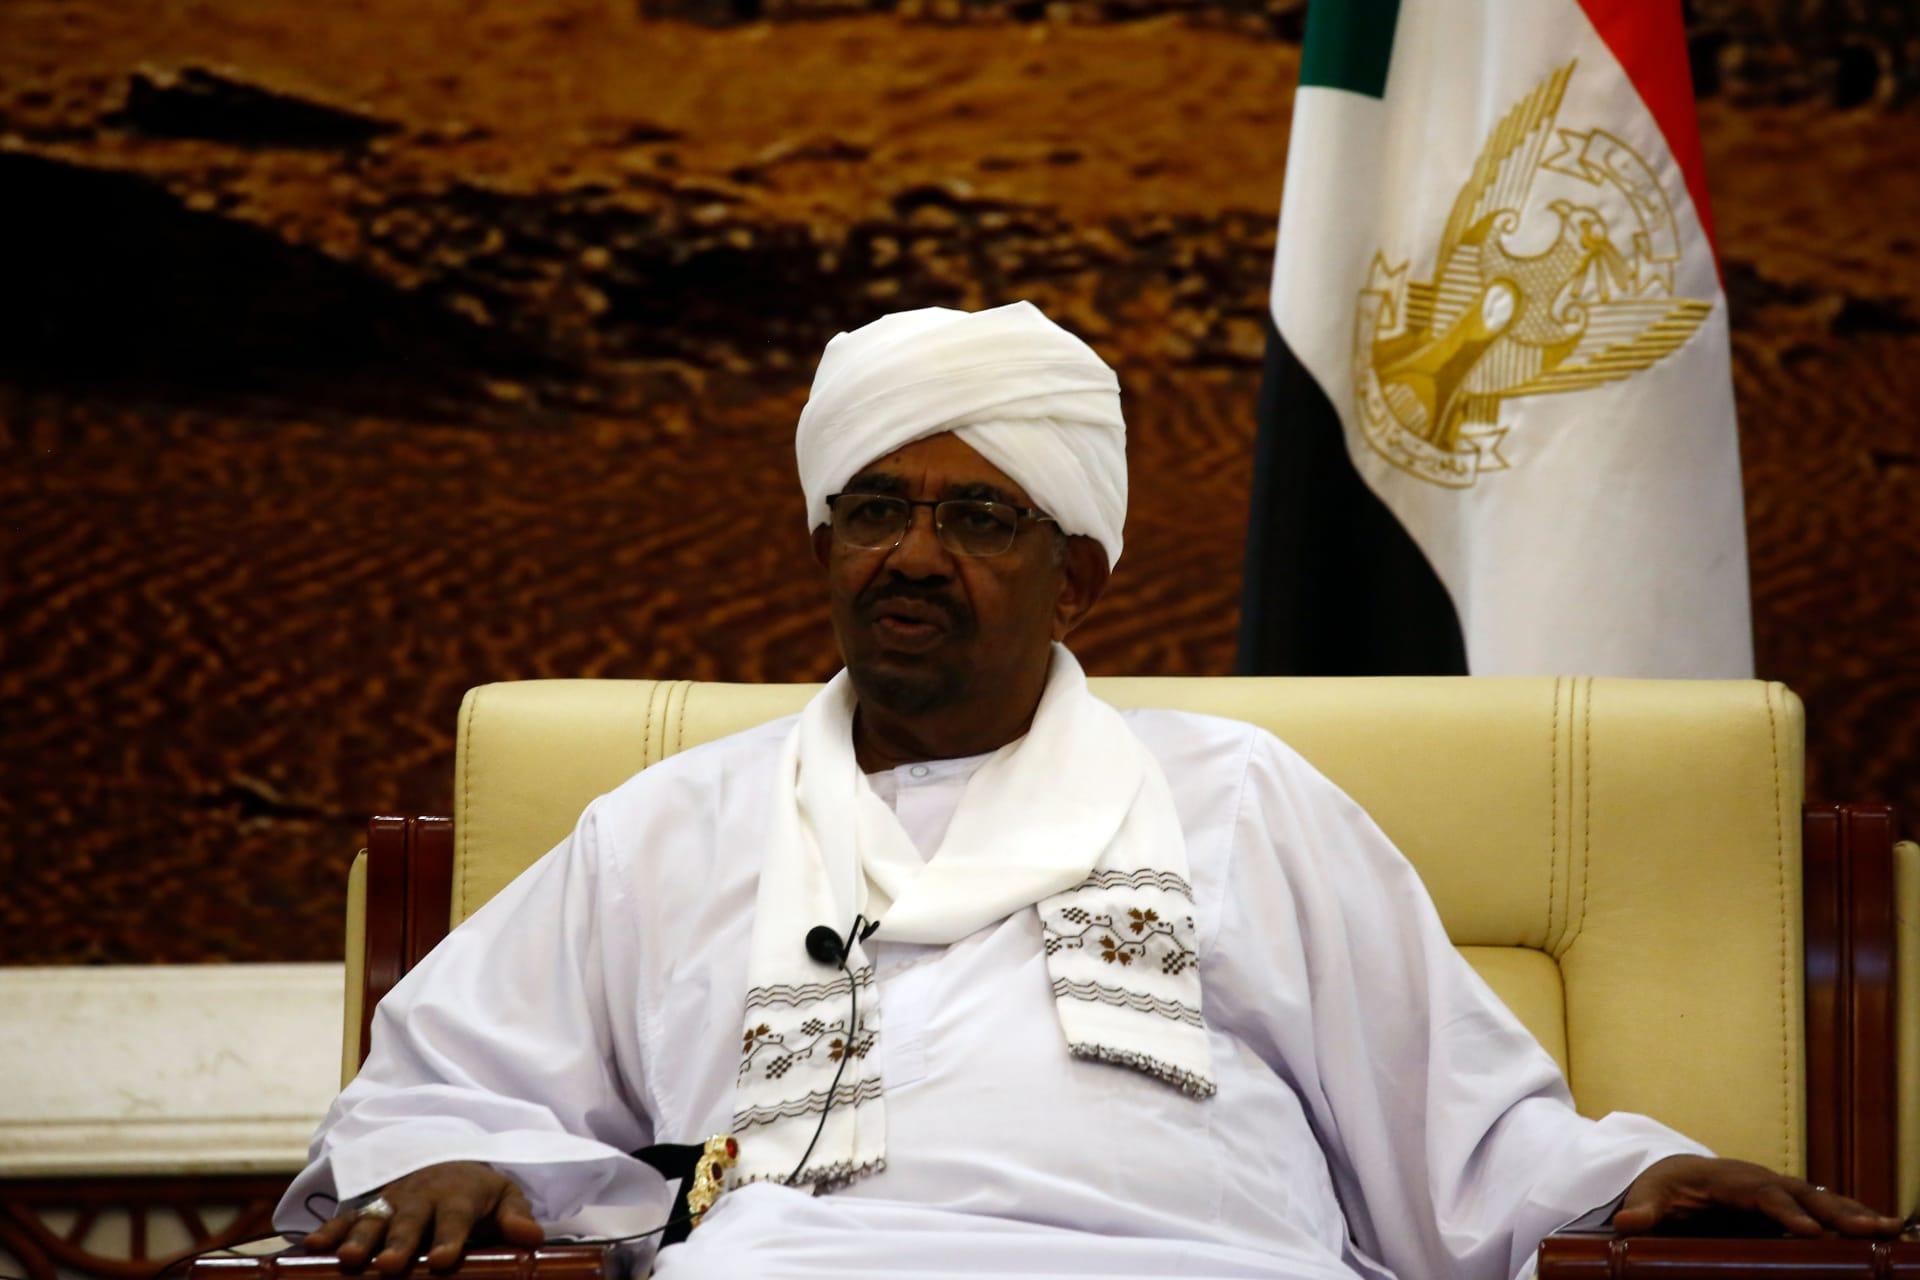 البشير يعد بإصلاحات.. وخبيران لـcnn: هذا ما يحتاجه السودان